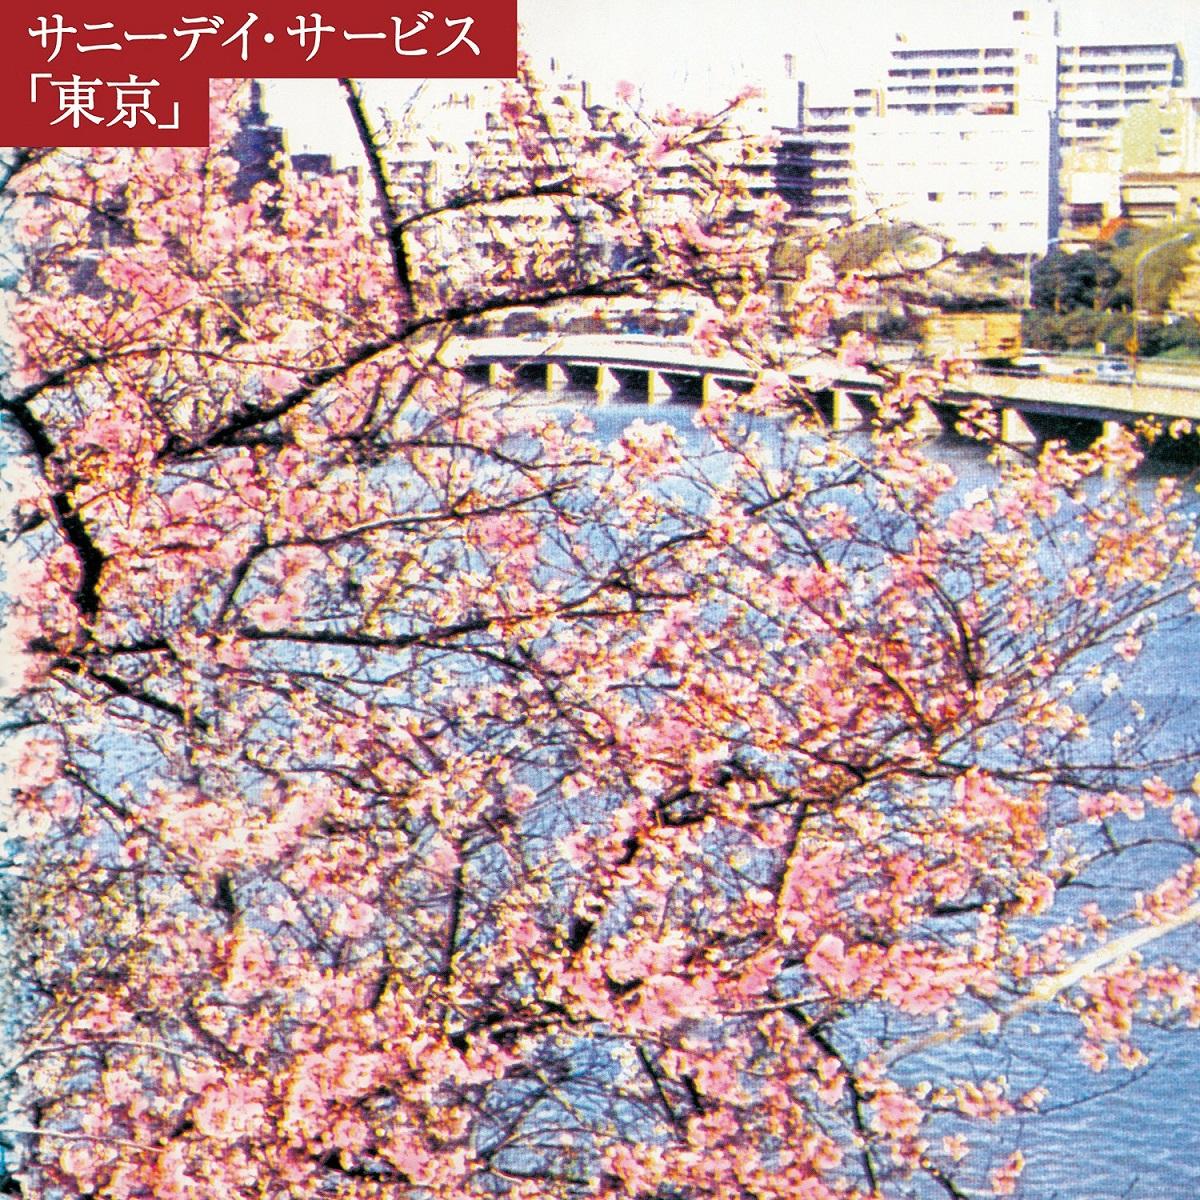 新品☆2016年6月20日入荷予定!東京 20th anniversary BOX Limited Edition サニーデイ・サービス